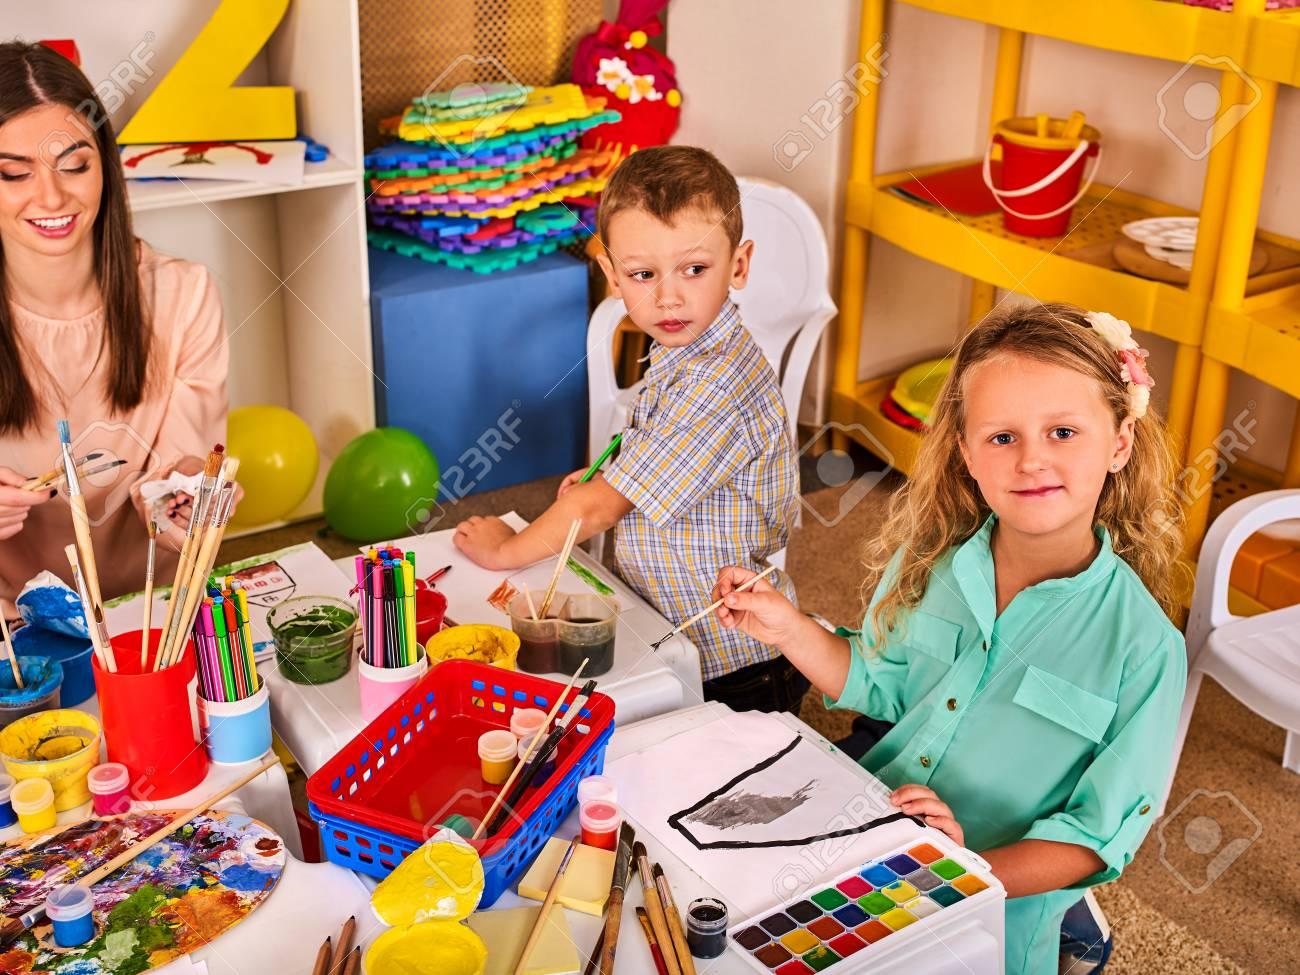 Organización De Juegos Para Niños De Niños Pintando Y Dibujando En ...